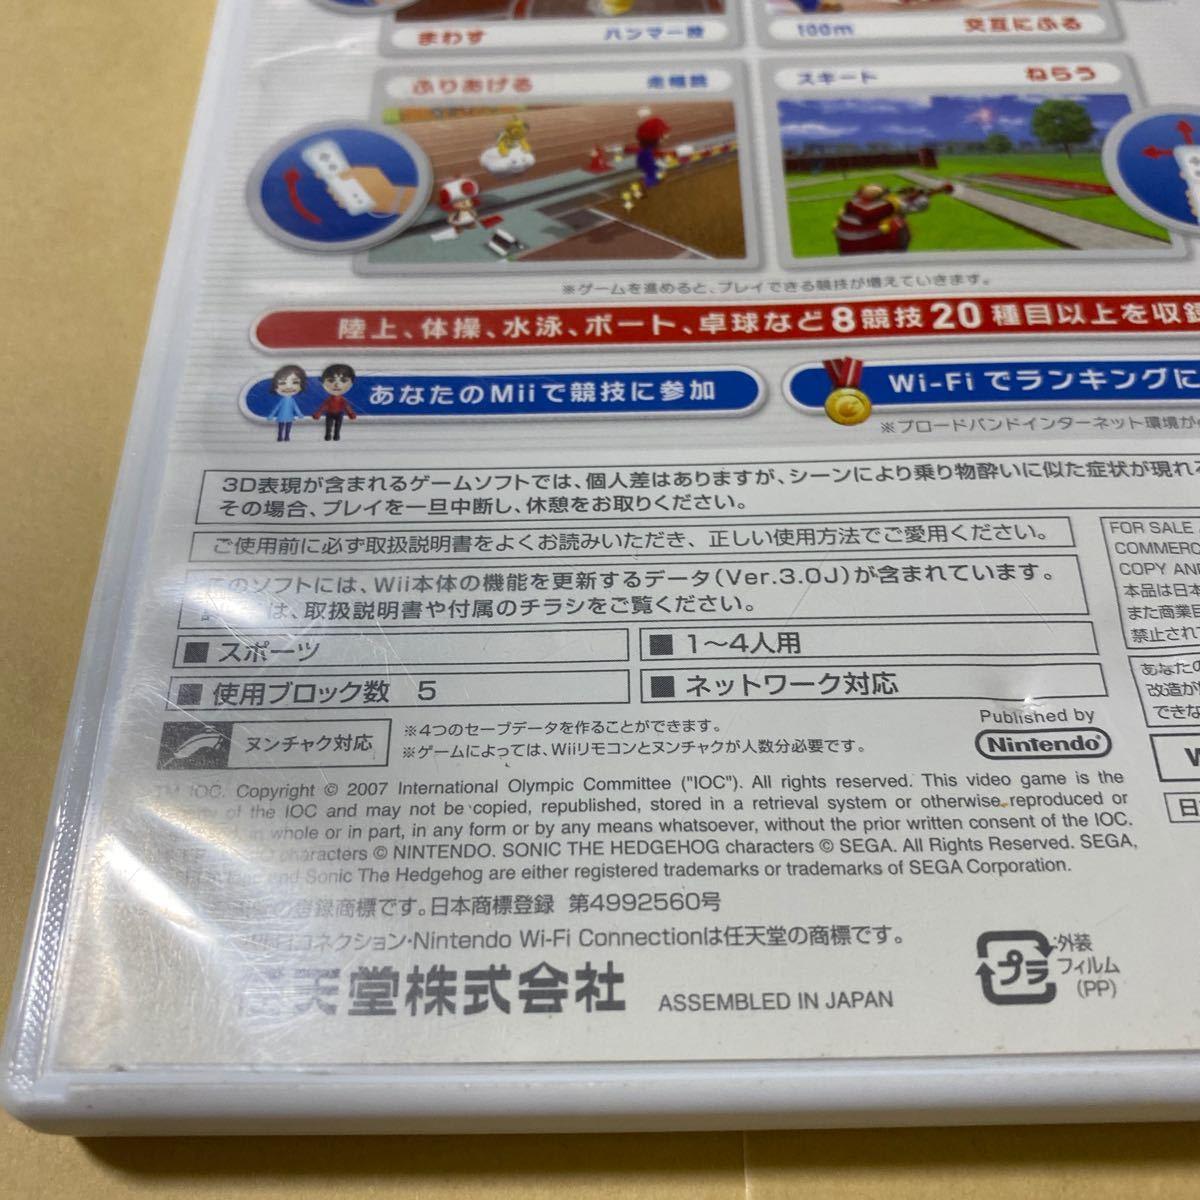 マリオ&ソニック AT 北京オリンピックと ニュースーパーマリオブラザーズWii